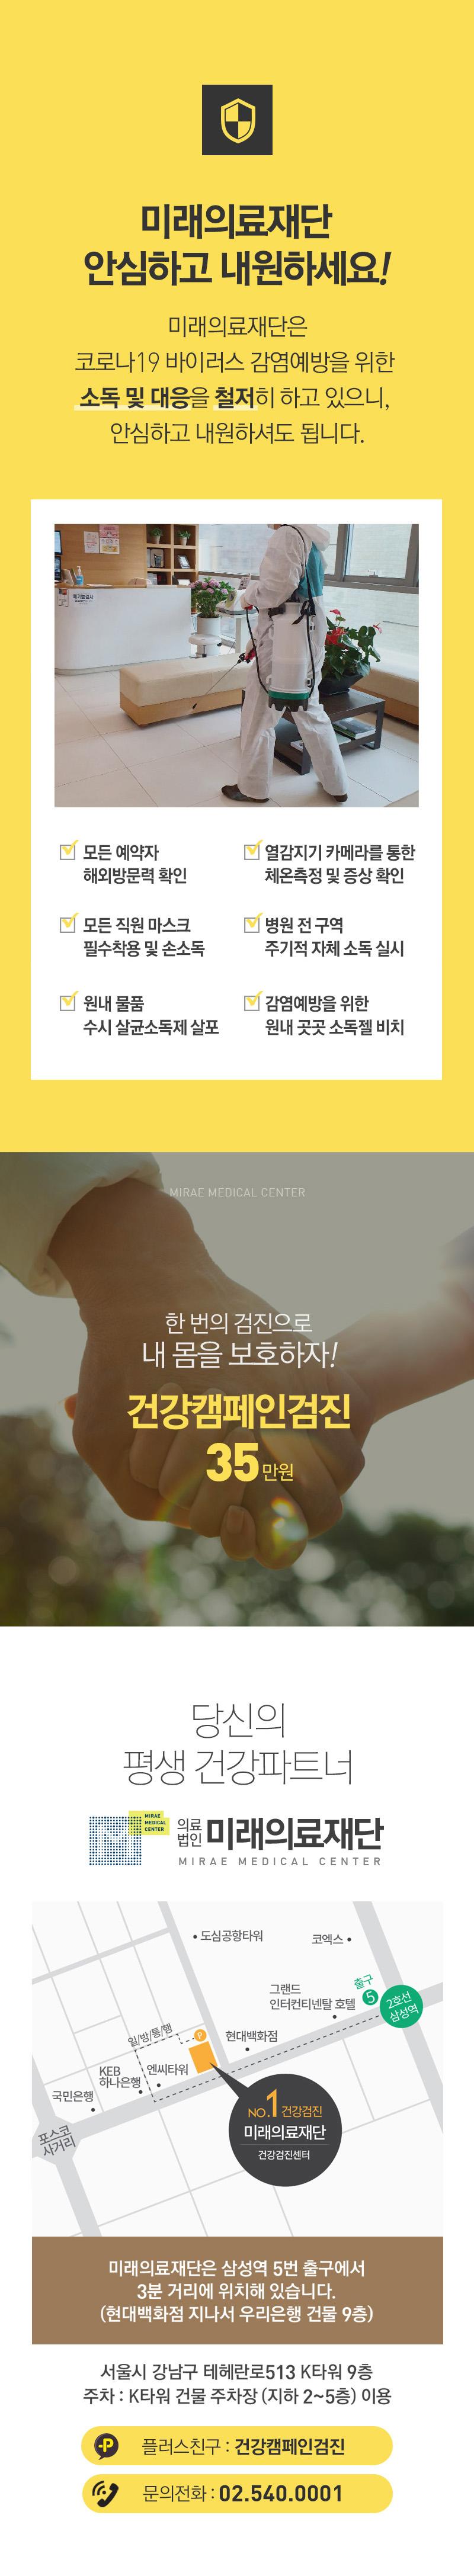 건강캠페인검진_홈피랜딩_7월3